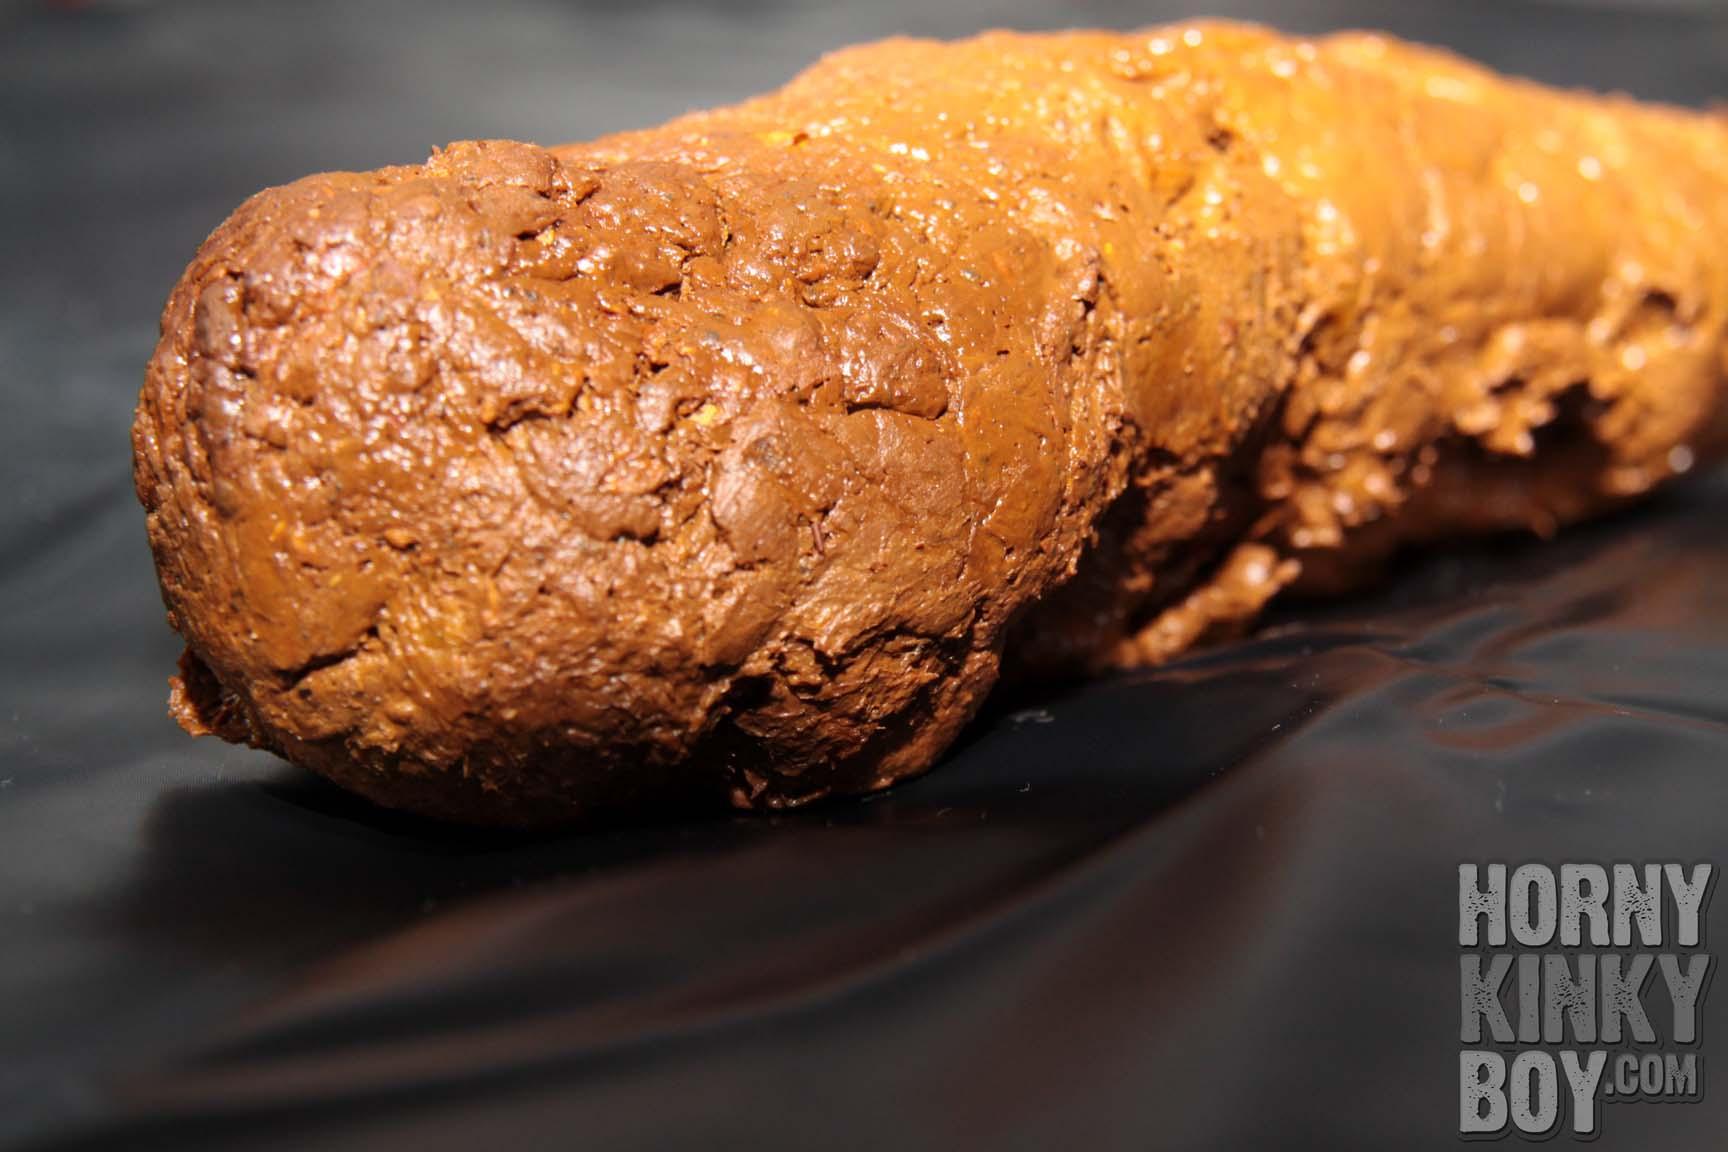 HornyKinkyBoy's Tasty Turd I